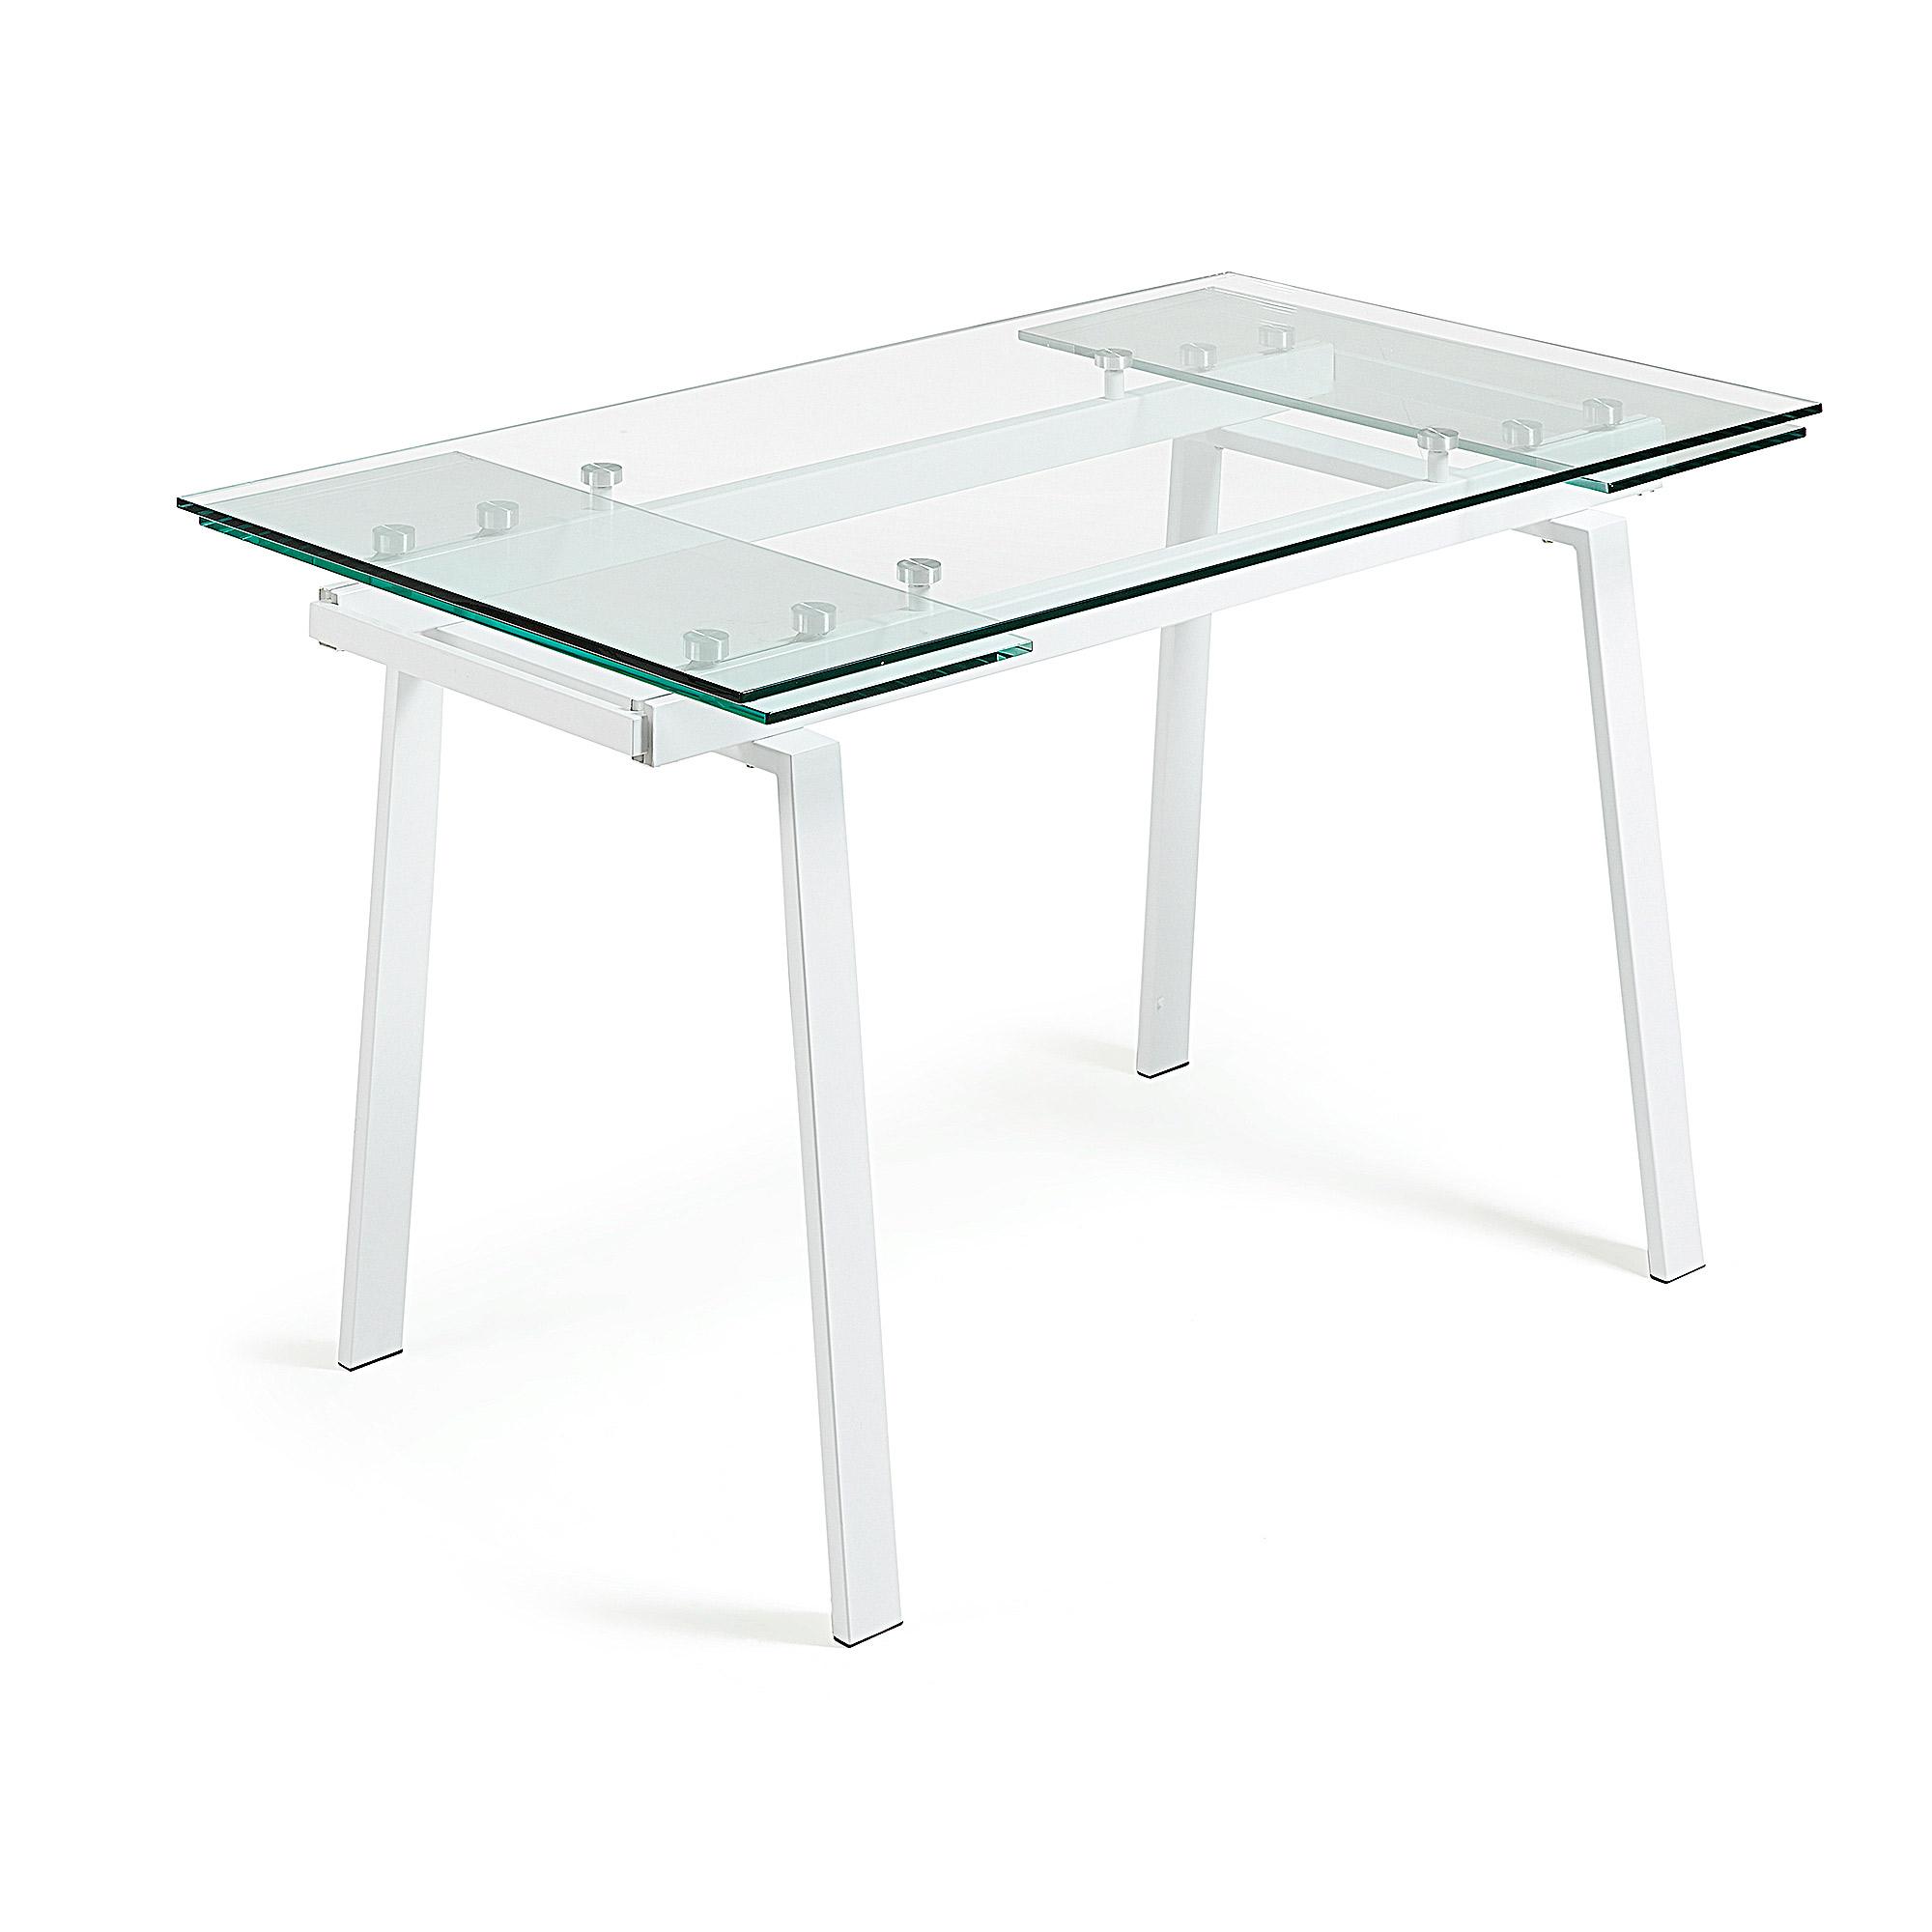 Glazen Tafel Uitschuifbaar.Kave Home Glazen Uitschuifbare Eettafel Punch 140 200 X 80cm